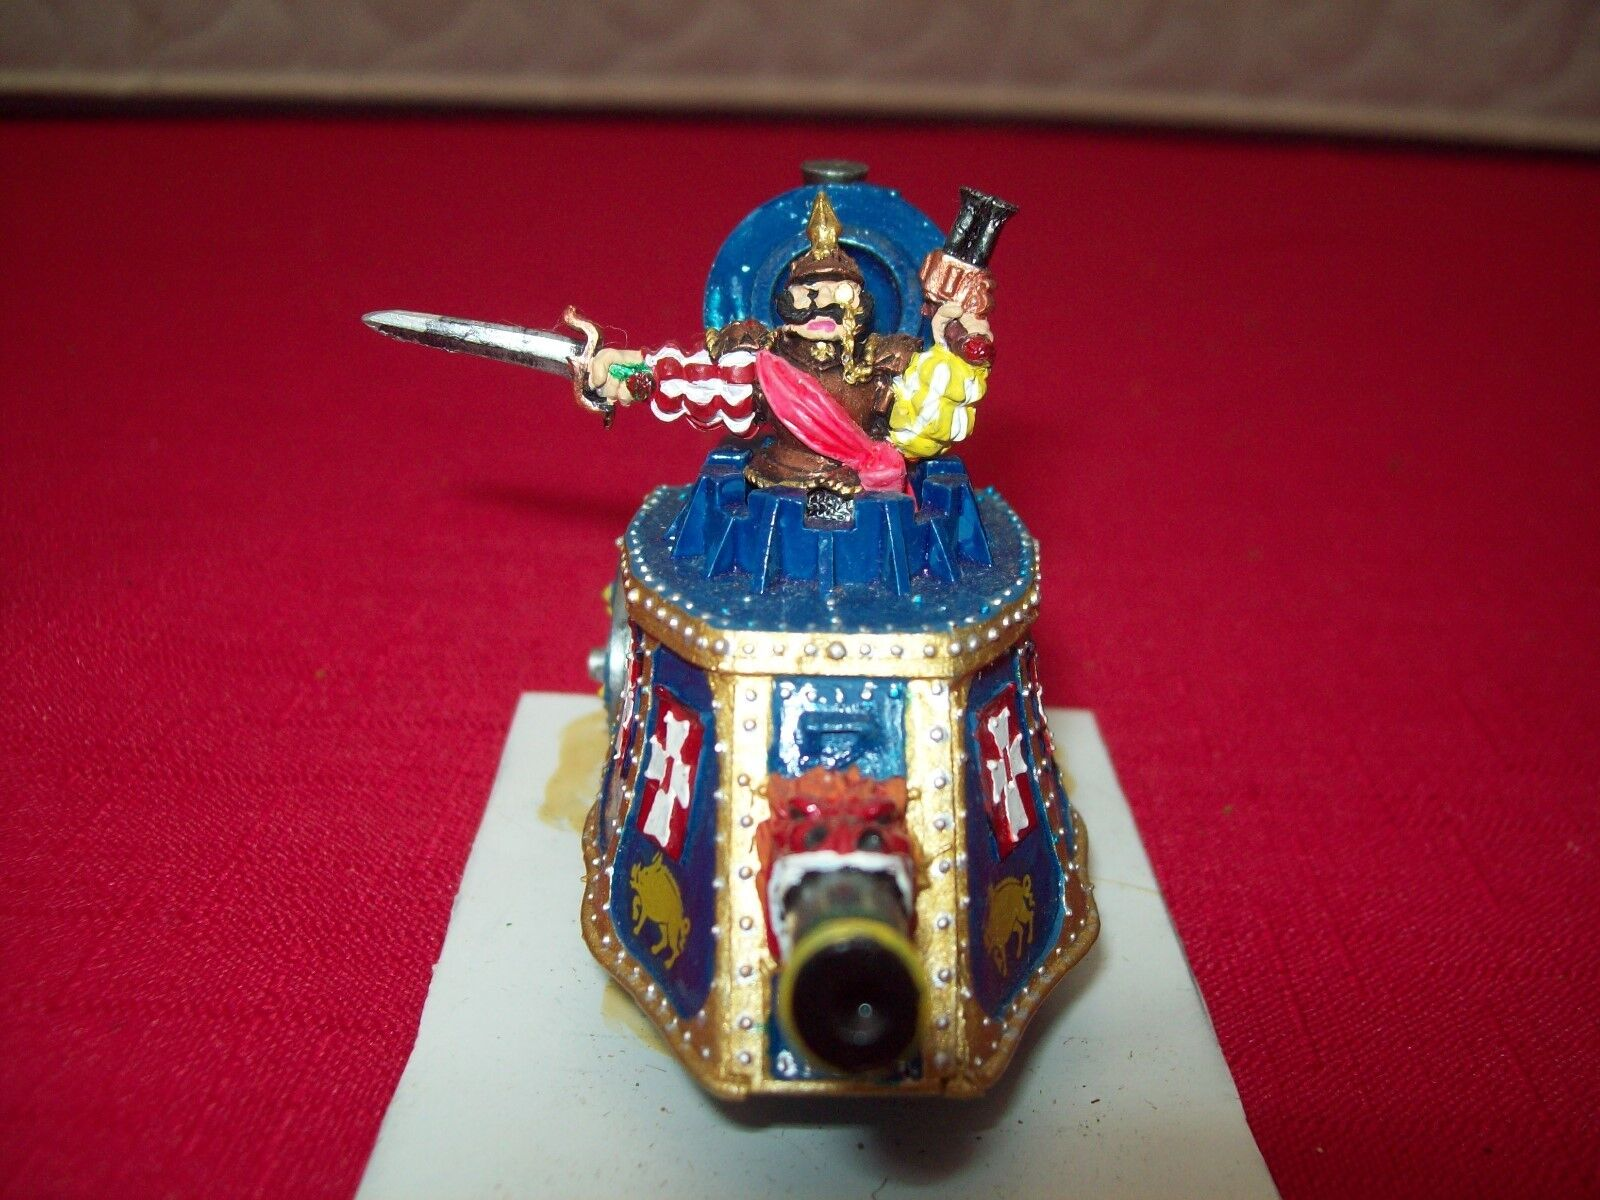 tienda Tanque de vapor warhammer imperio Imperial-Bien pintados () () () -  edición limitada en caliente